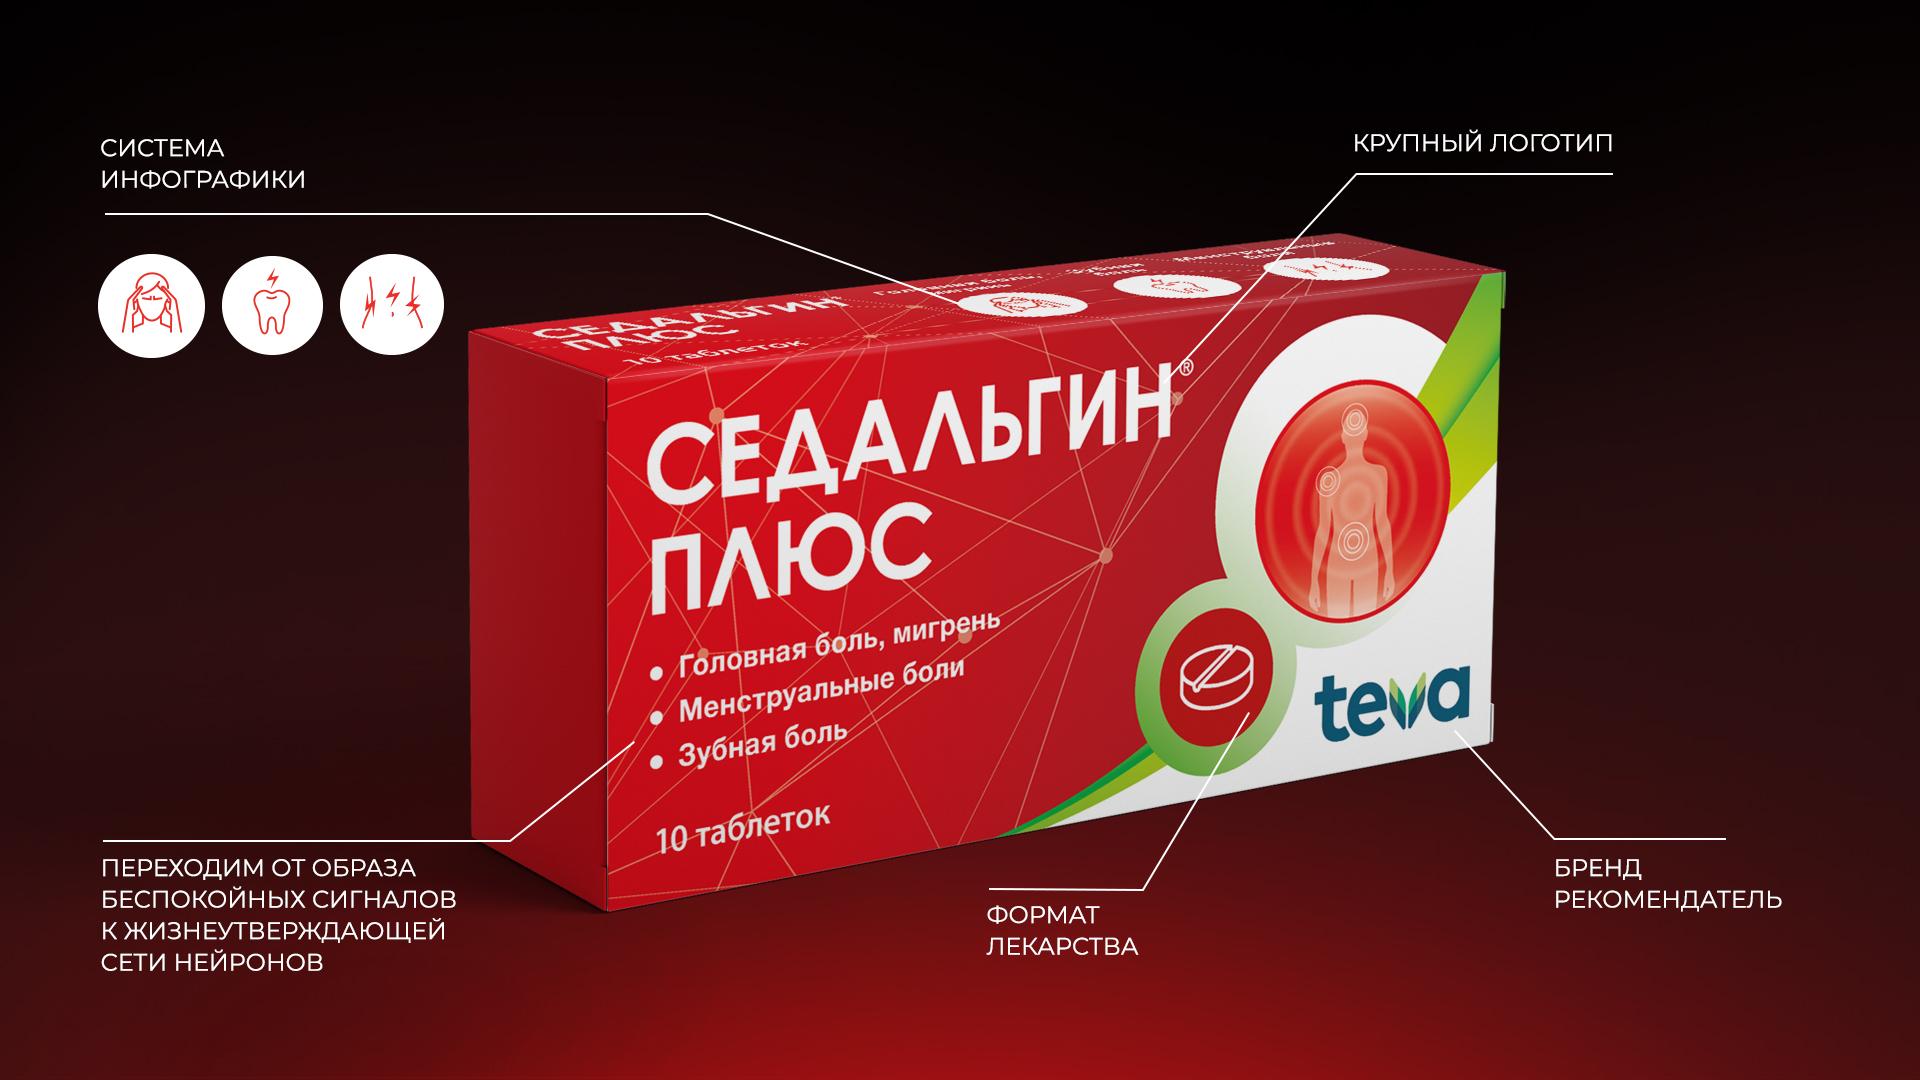 Дизайн упаковки препарата Седальгин